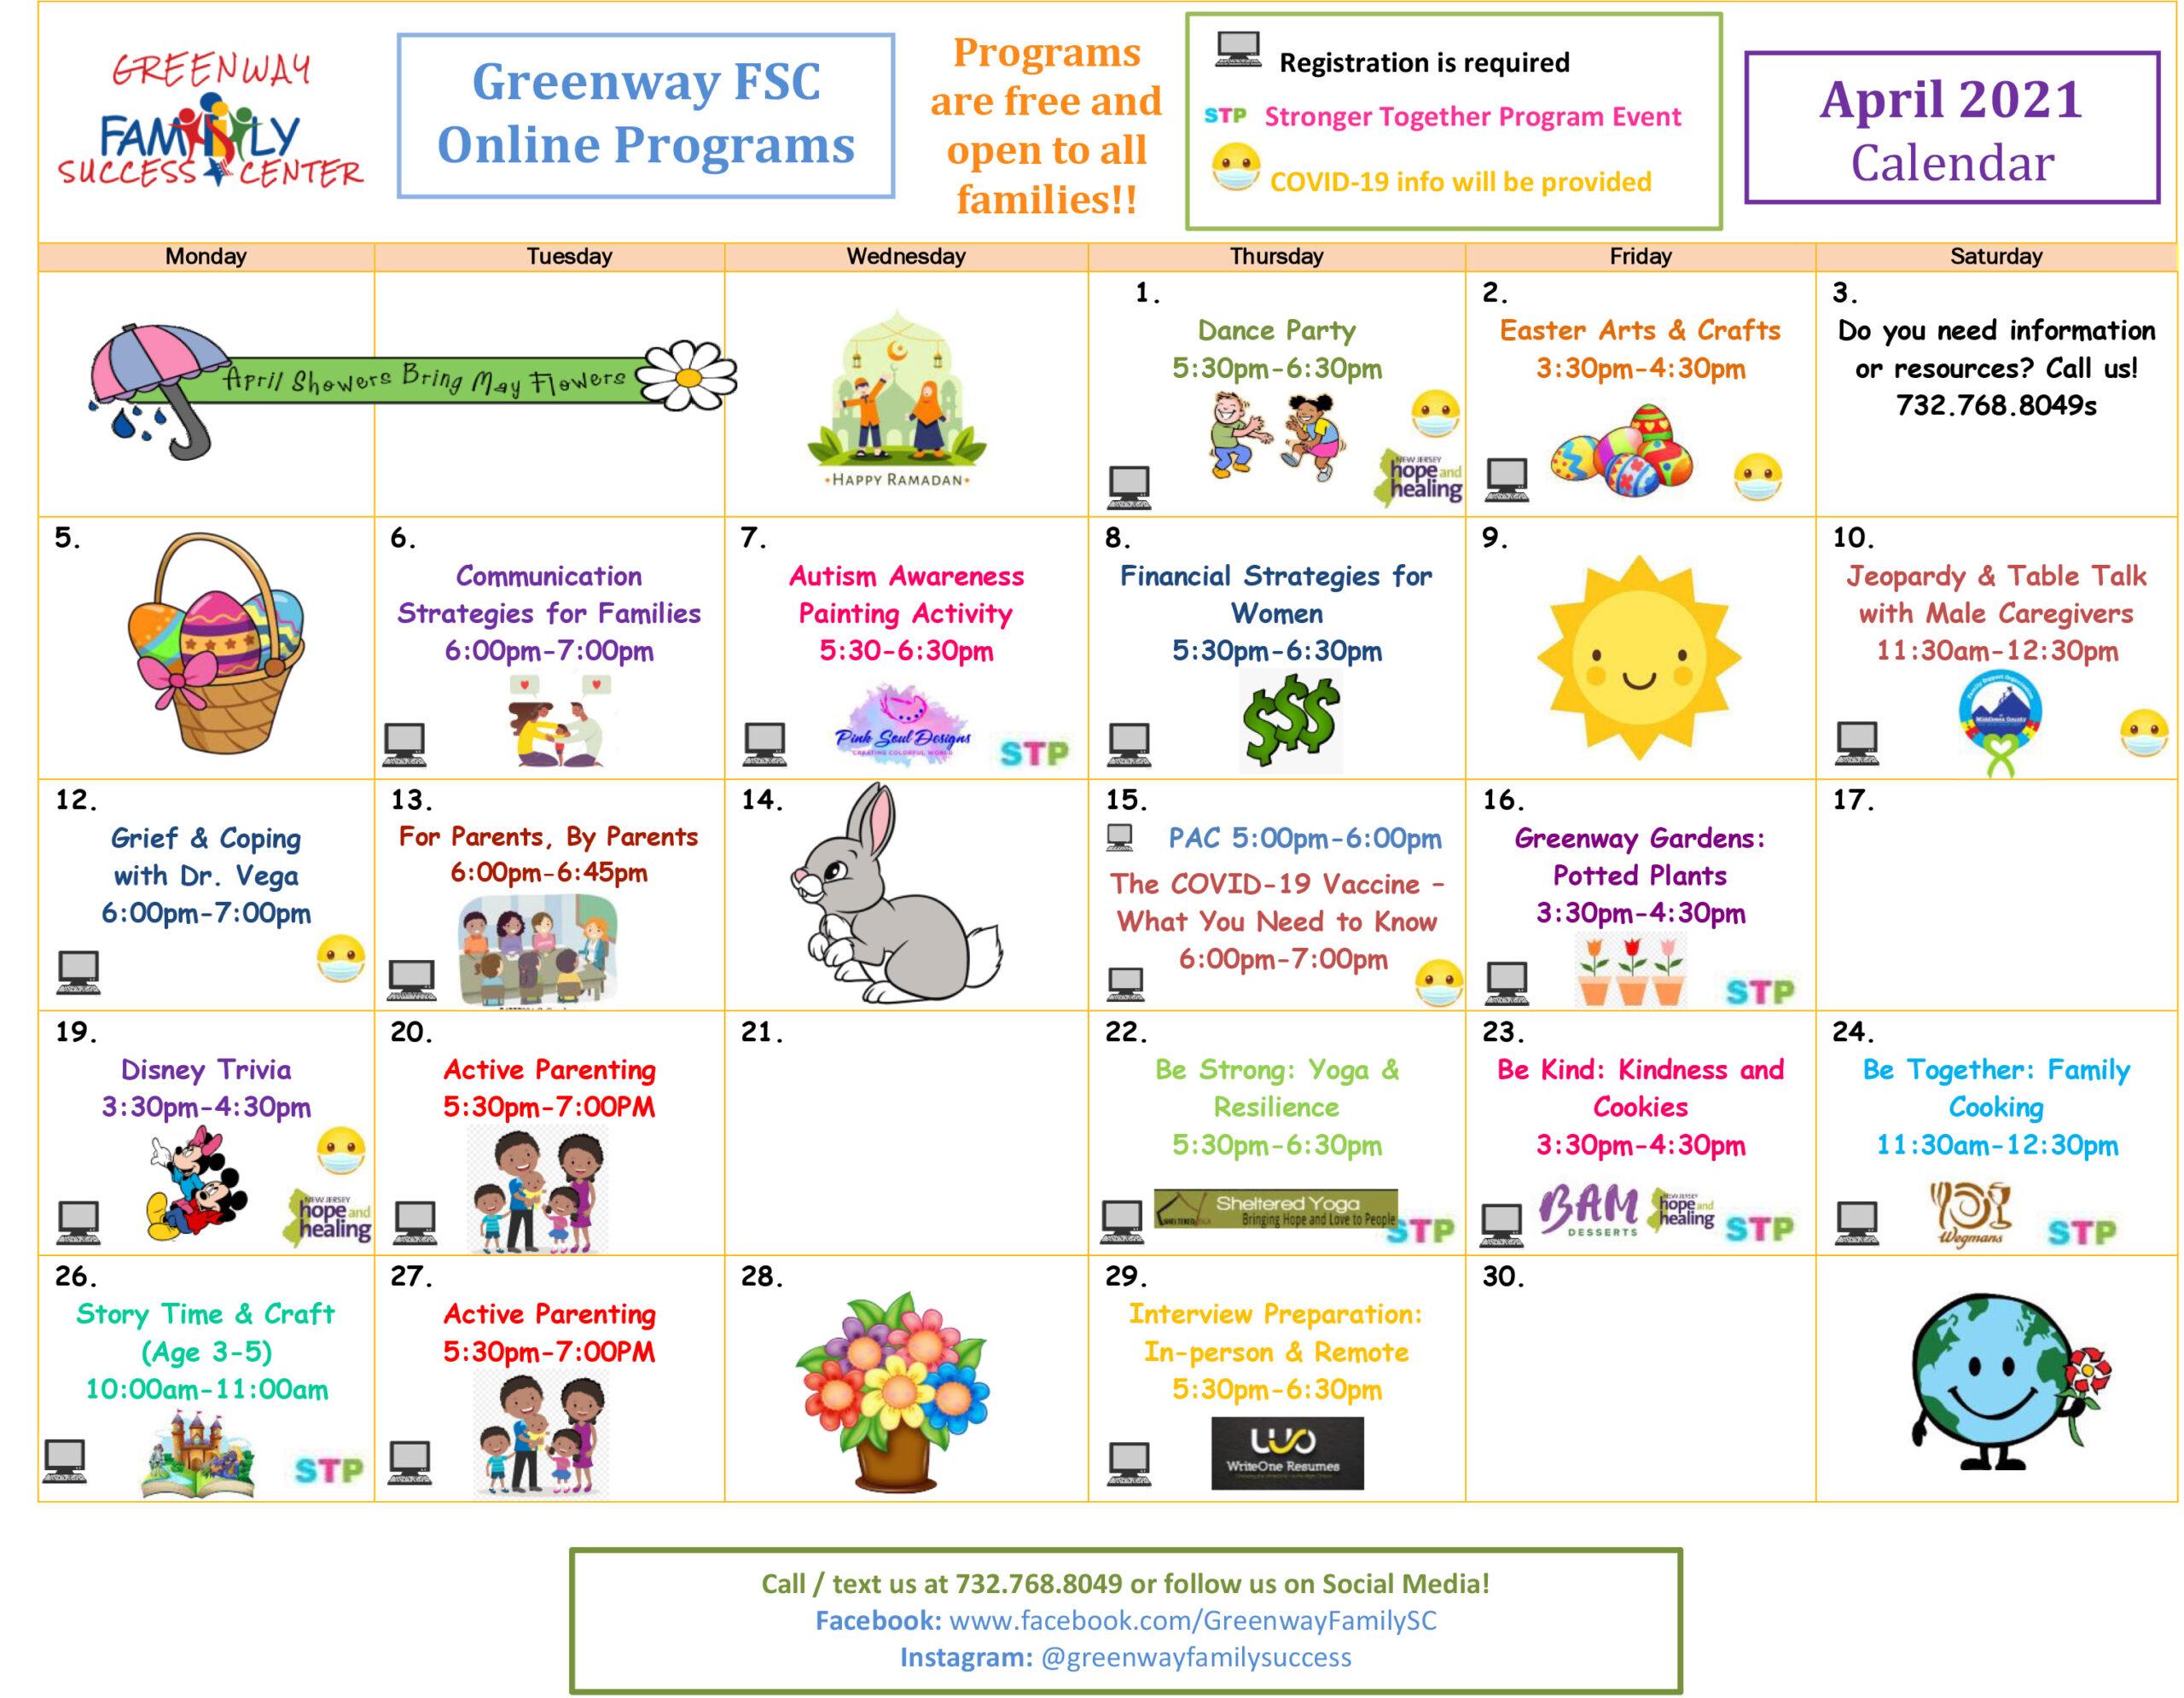 Greenway FSC Calendar April 2021